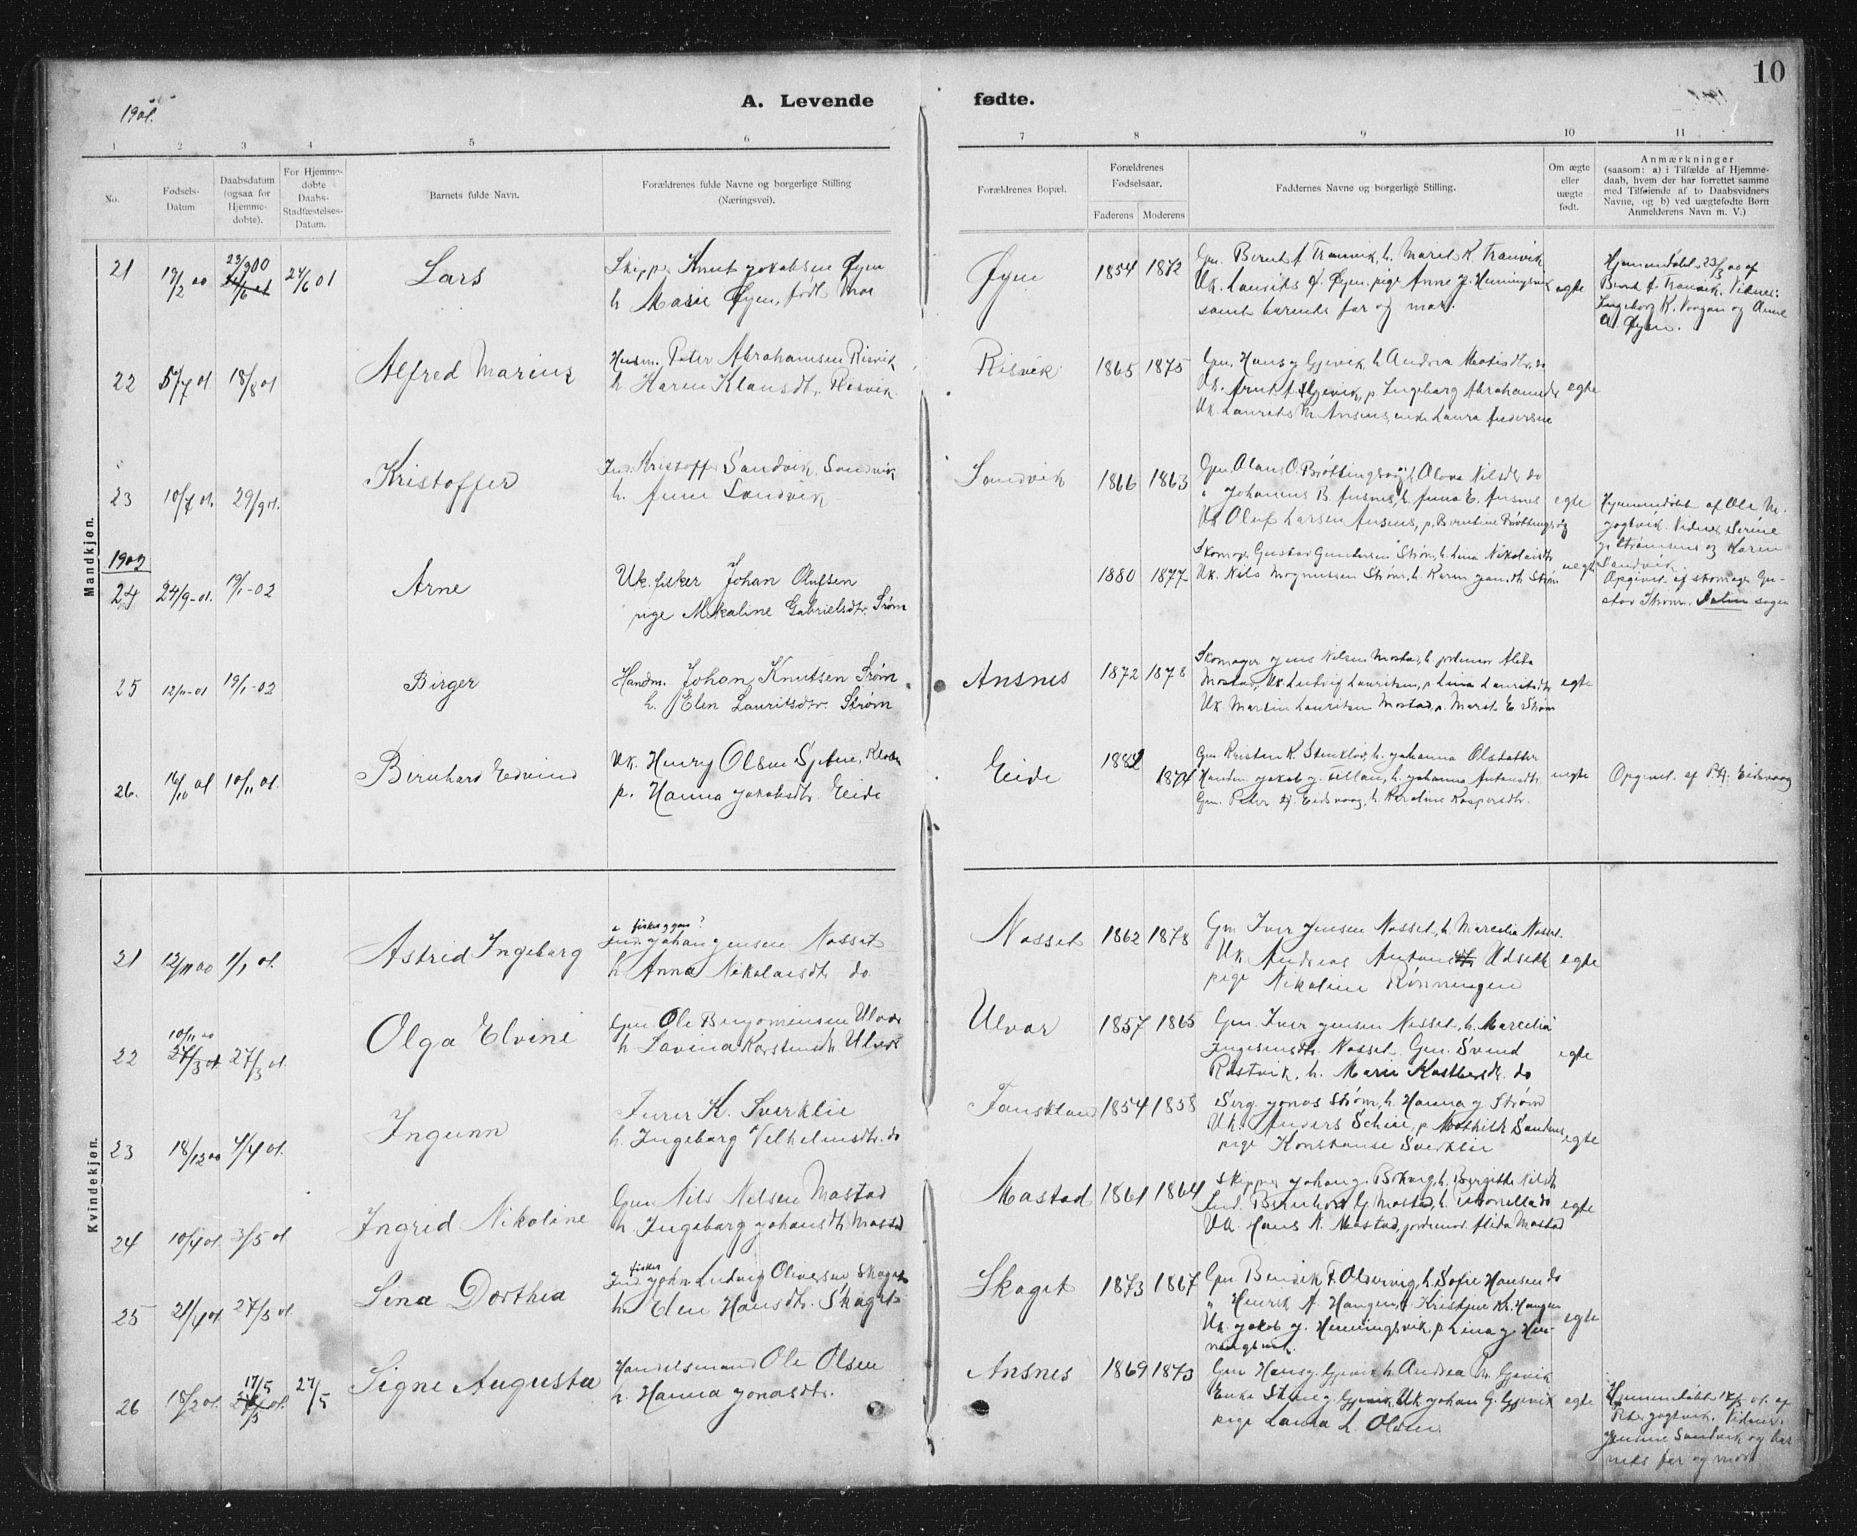 SAT, Ministerialprotokoller, klokkerbøker og fødselsregistre - Sør-Trøndelag, 637/L0563: Klokkerbok nr. 637C04, 1899-1940, s. 10